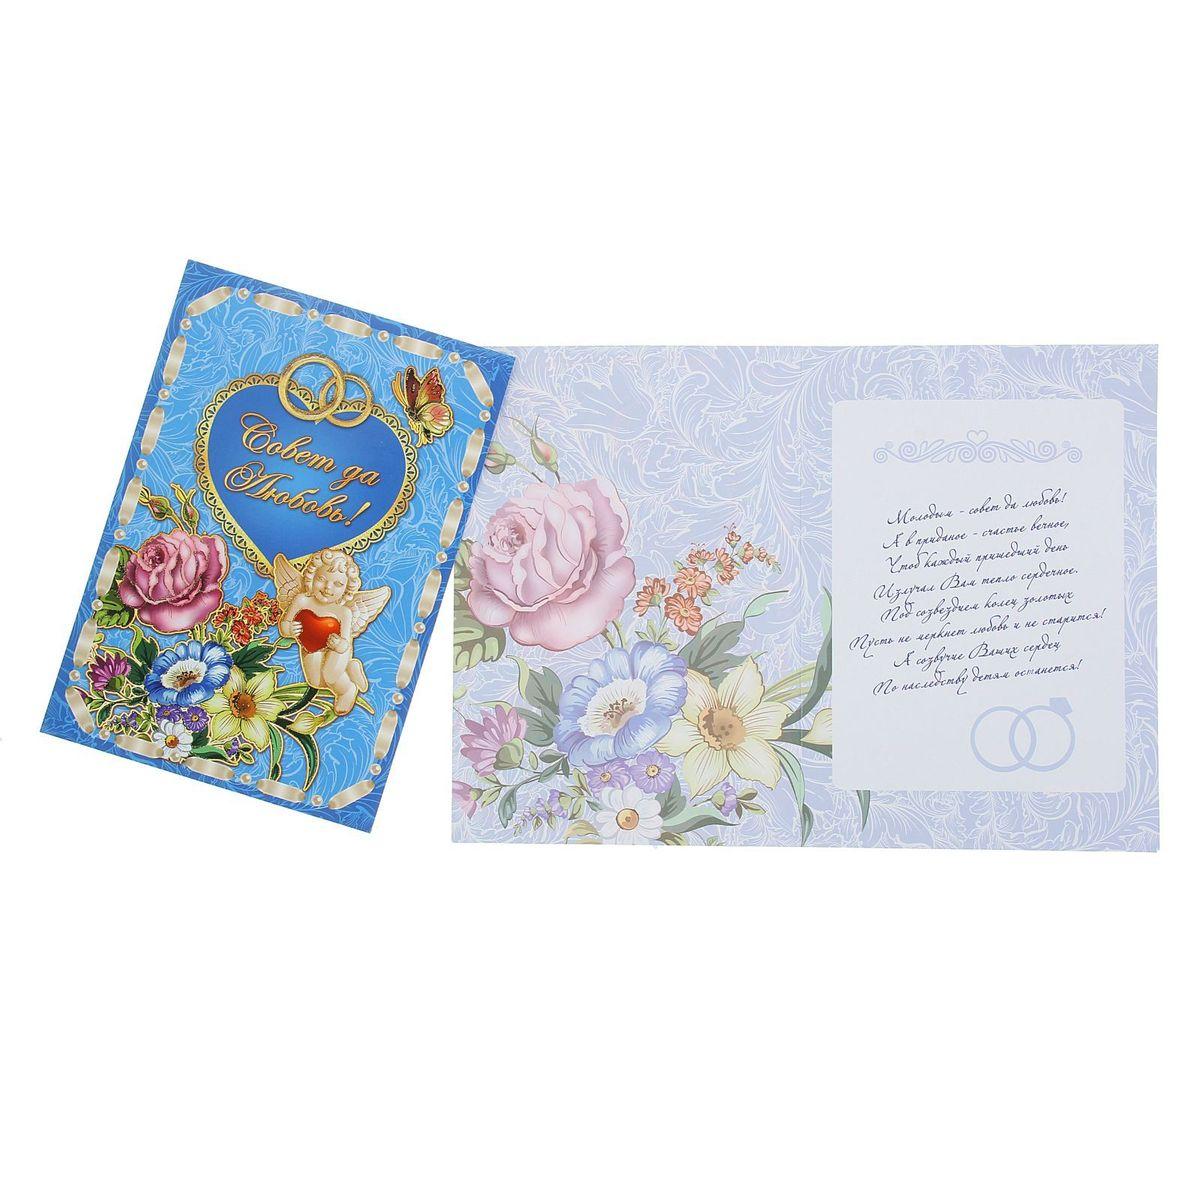 Открытка Sima-land Совет да любовь! Цветы и ангелок осв 0006 открытка конверт совет да любовь сердечко на кубиках студия тётя роза